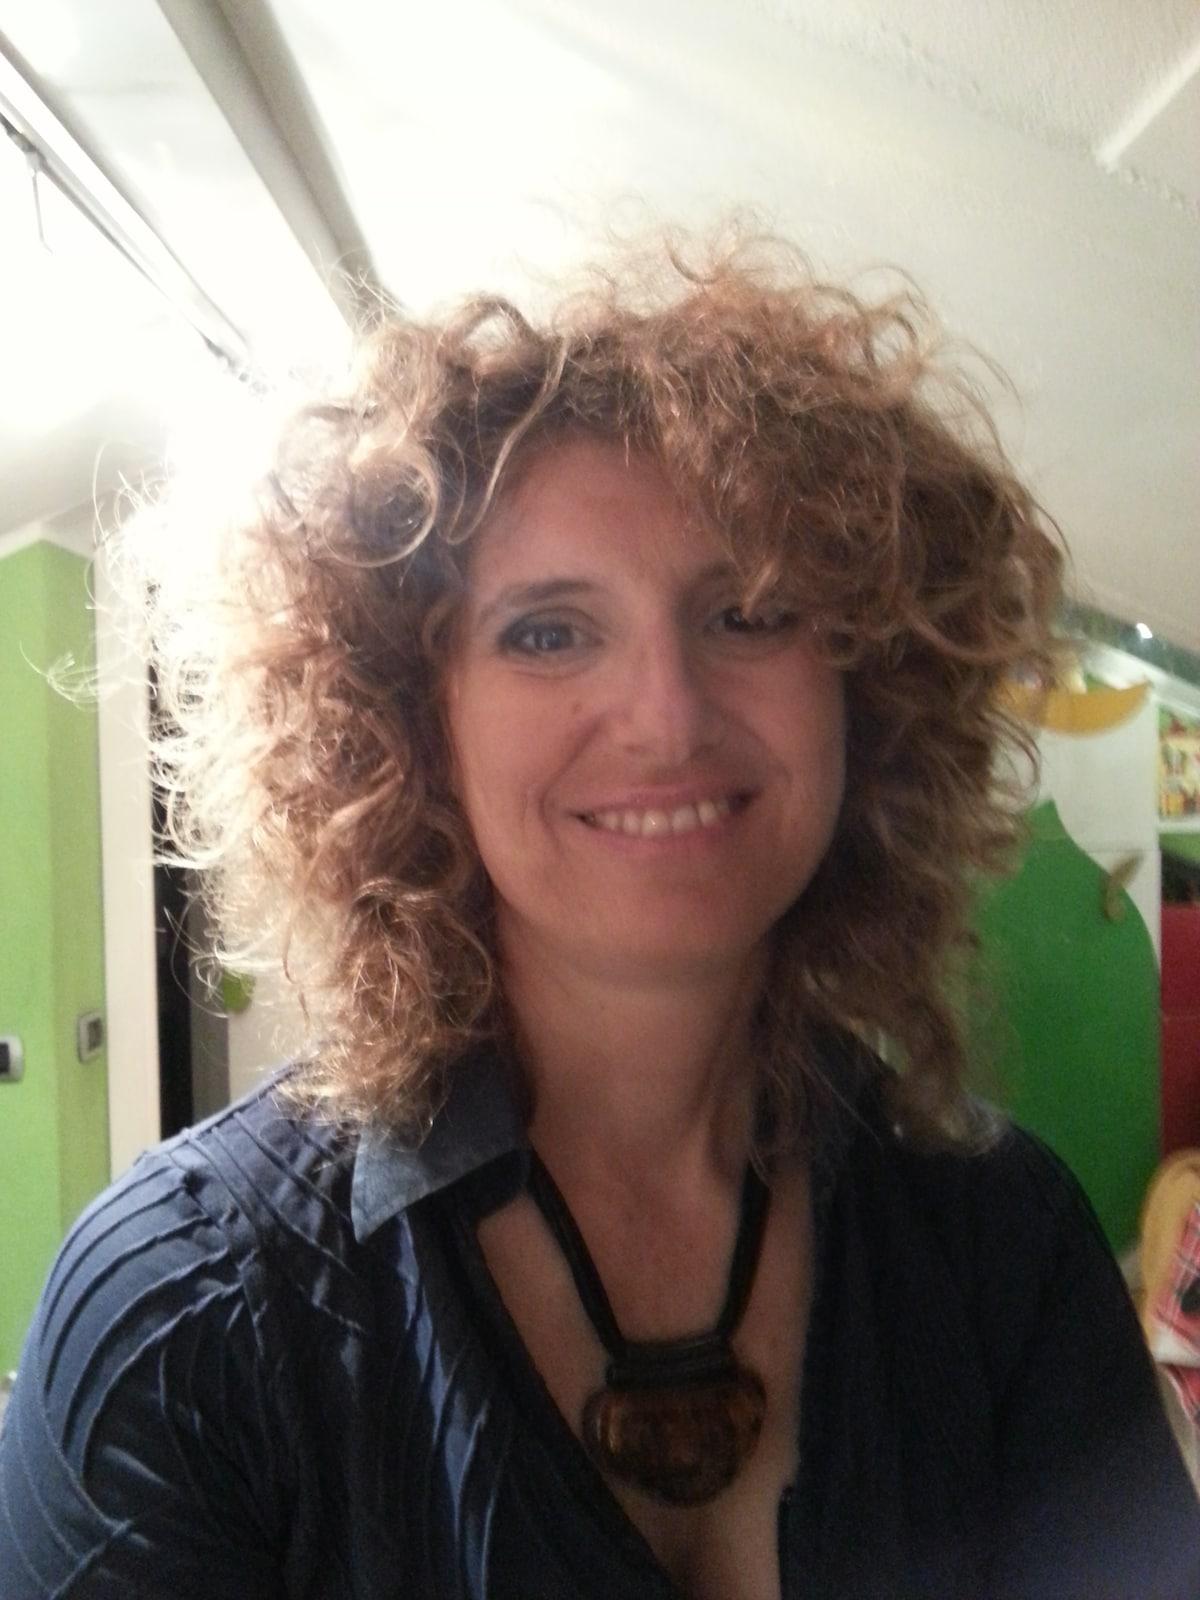 Milena From Milan, Italy